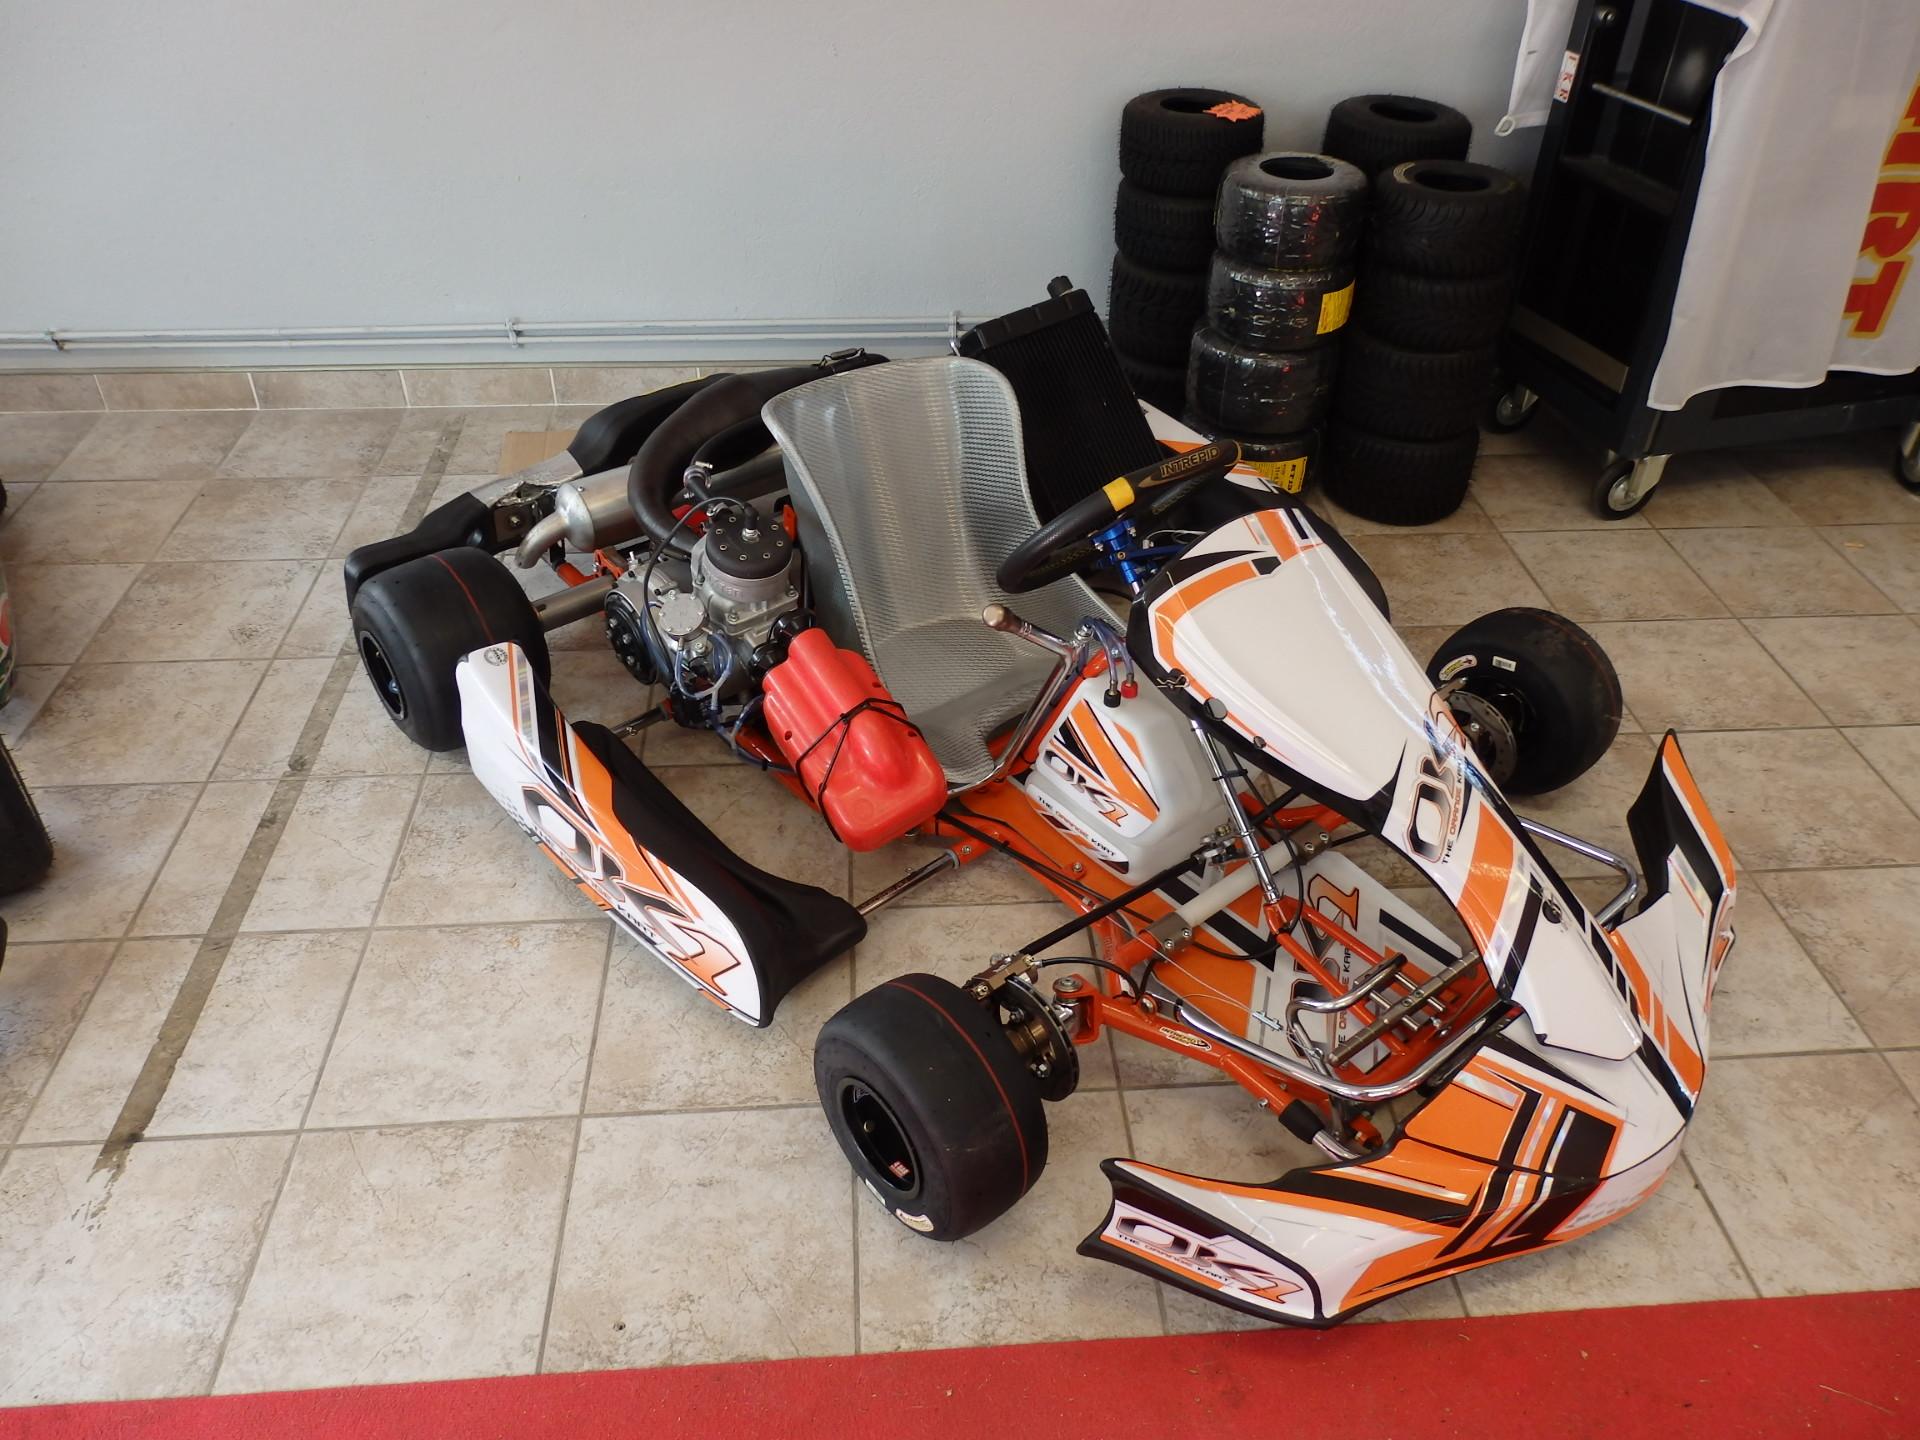 la boutique du circuit quipements karts et accessoires action karting circuit karting. Black Bedroom Furniture Sets. Home Design Ideas